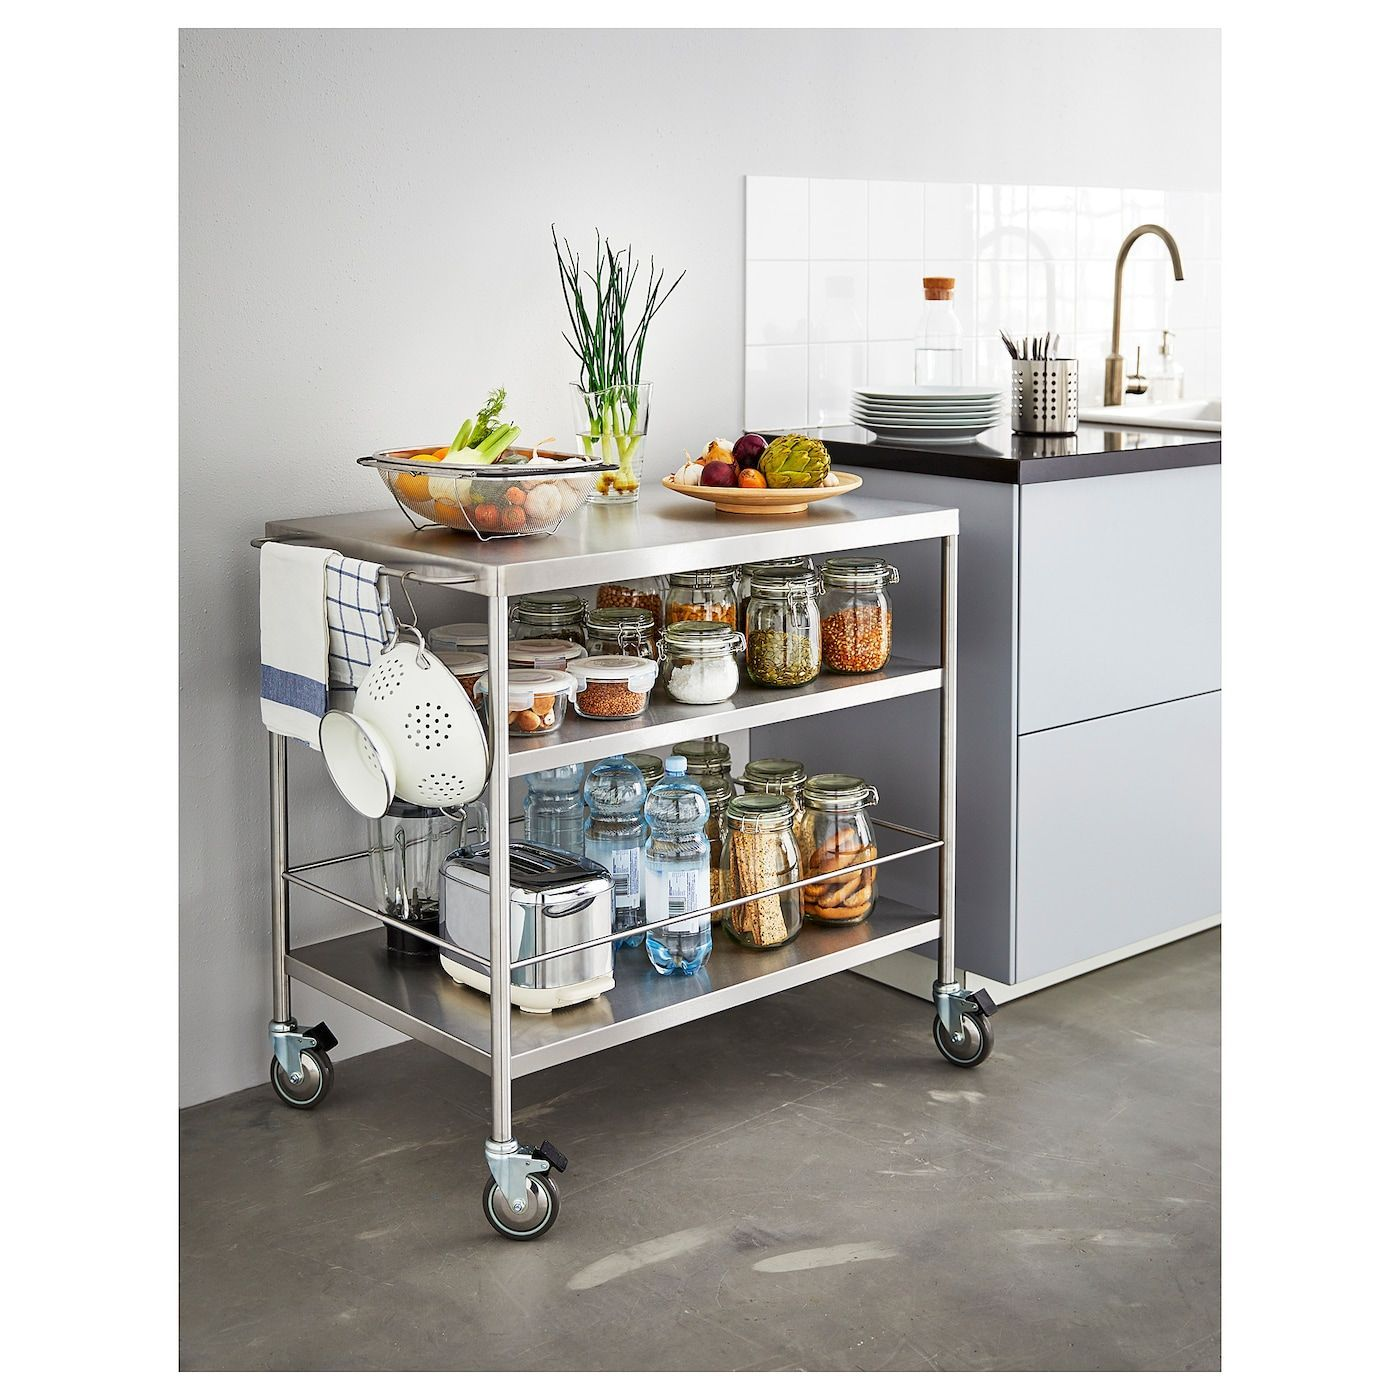 Flytta Kitchen Cart Stainless Steel Ikea Cart Flytta Ikea Kitchen Stainless Steel Portable Kitchen Island Portable Kitchen Ikea Kitchen Furniture